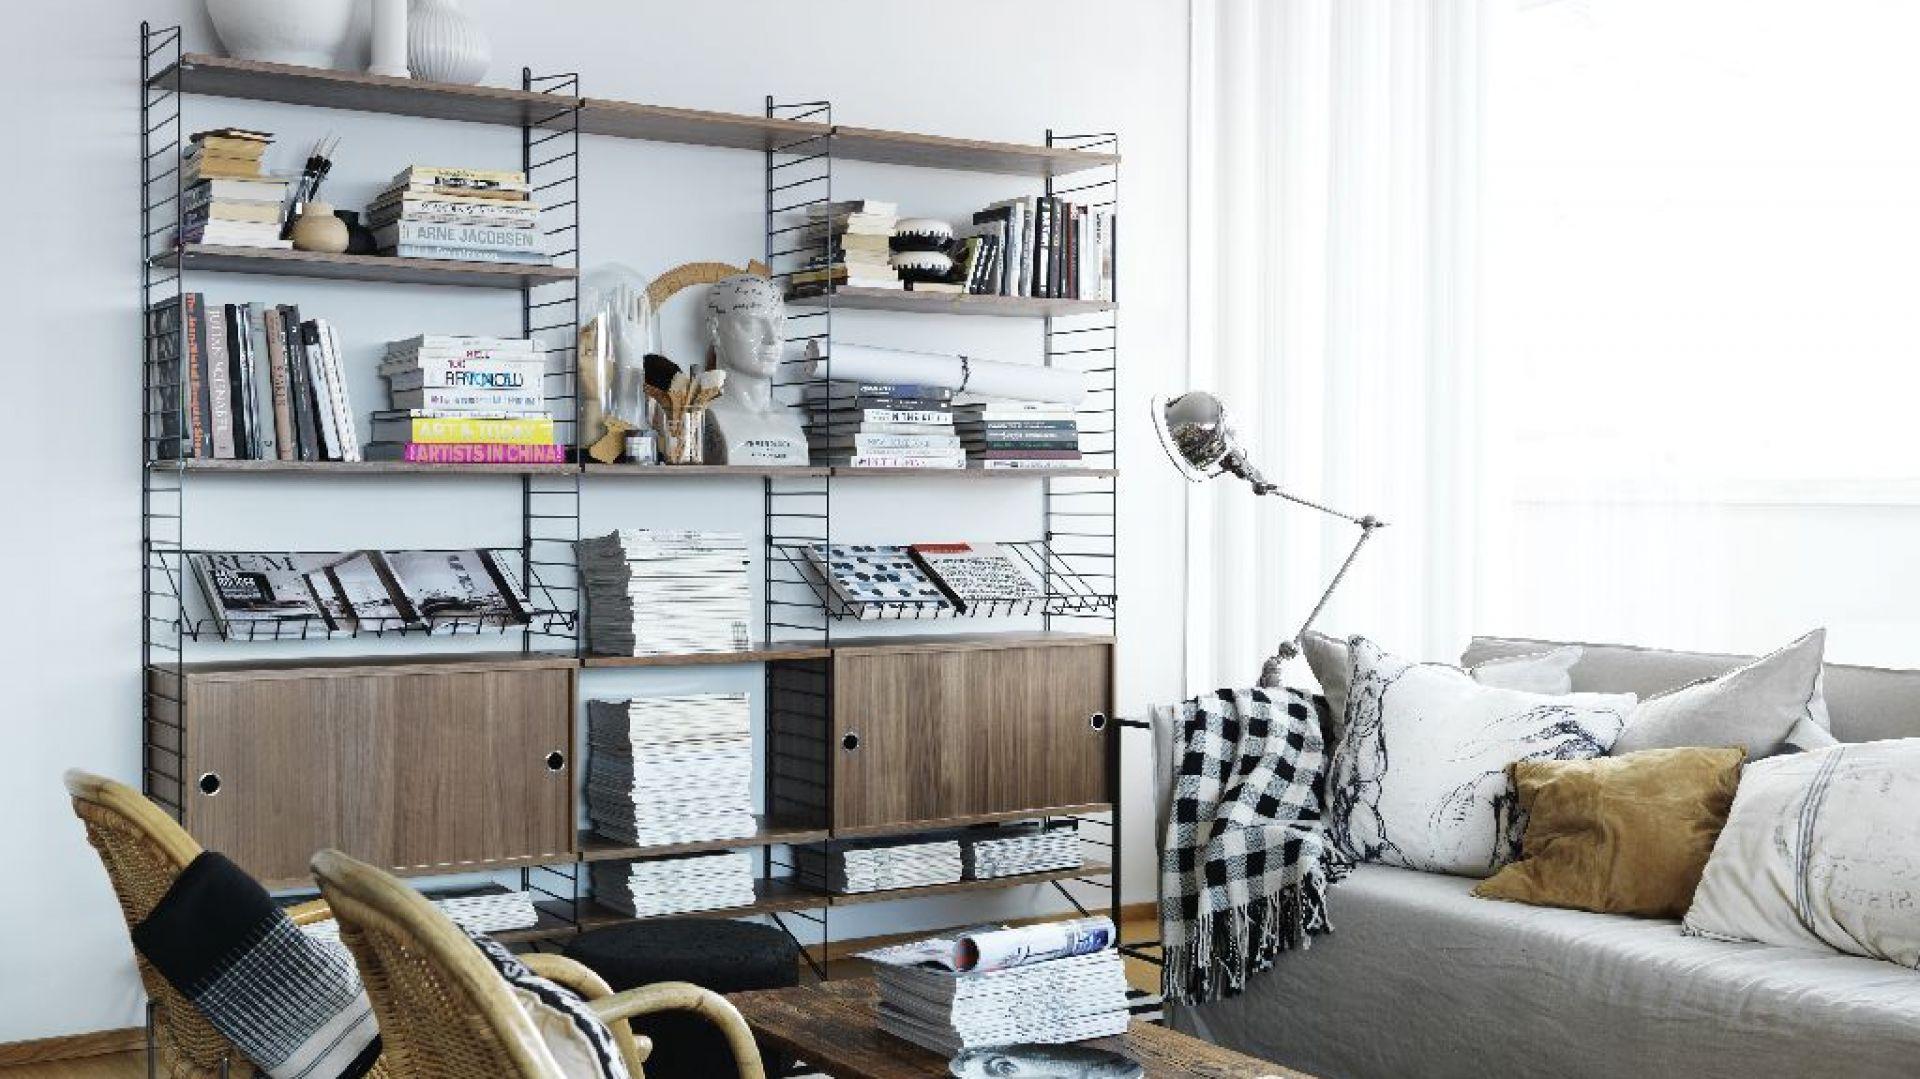 Regał z metalowych prętów to modny, skandynawski element wyposażenia wnętrza. Można na nim przechowywać książki, ubrania lub dekoracje. Fot. String